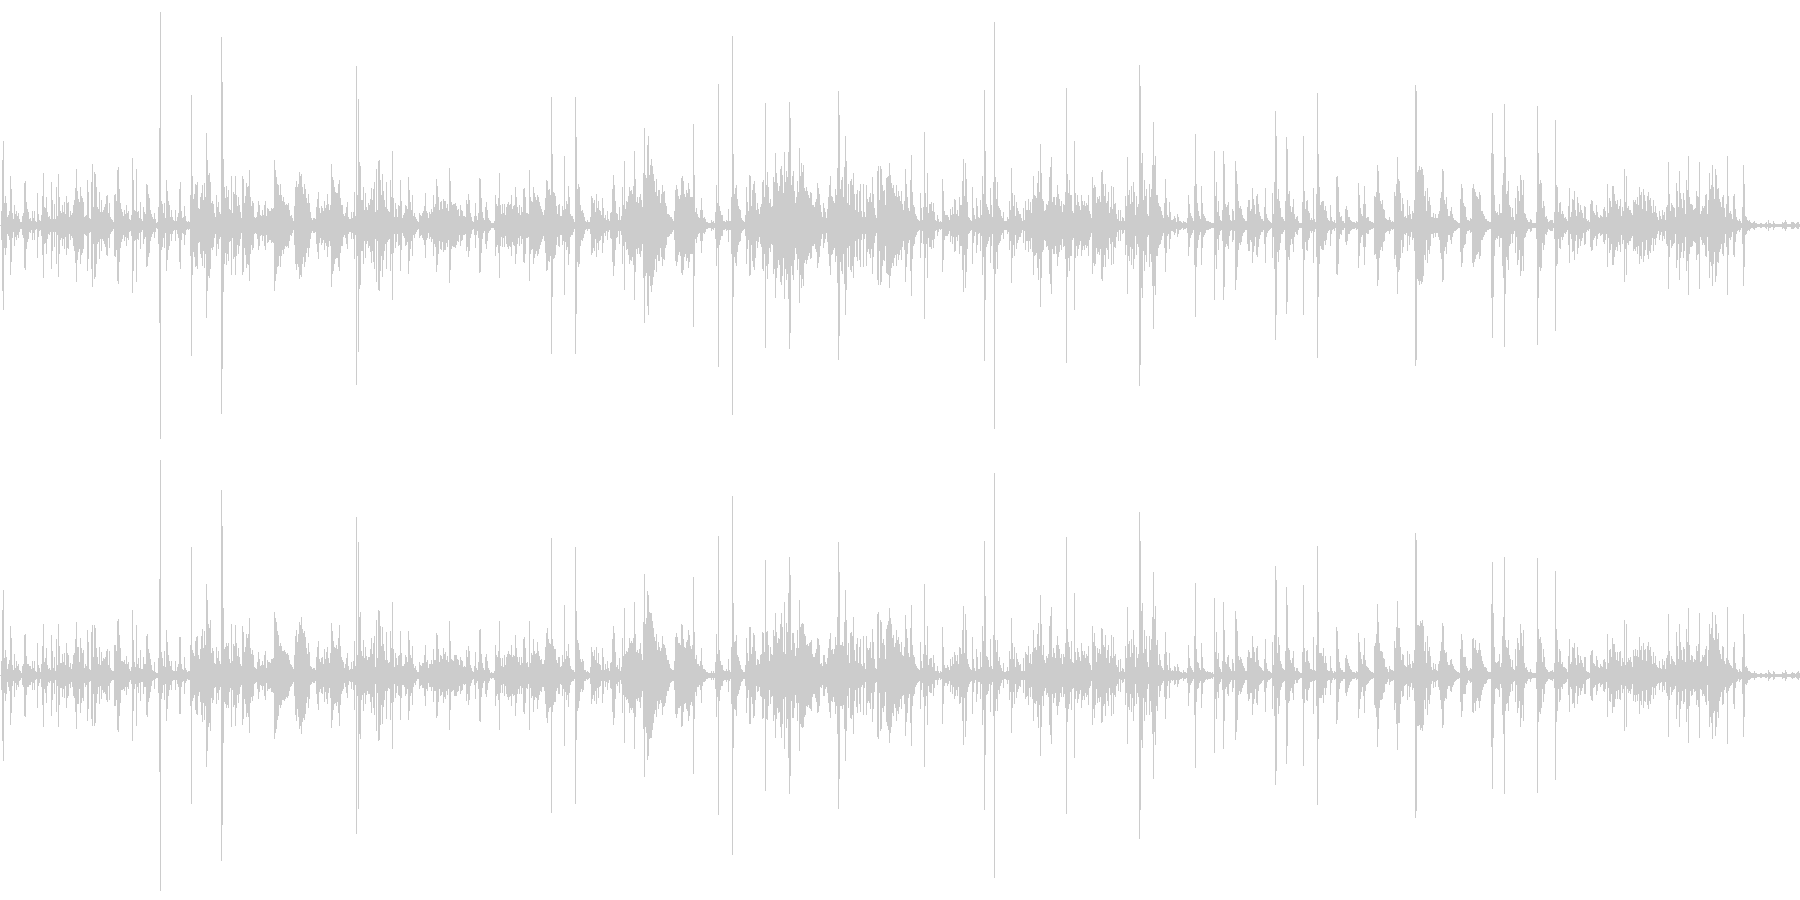 キラキラしたピアノの宇宙的なBGMの未再生の波形